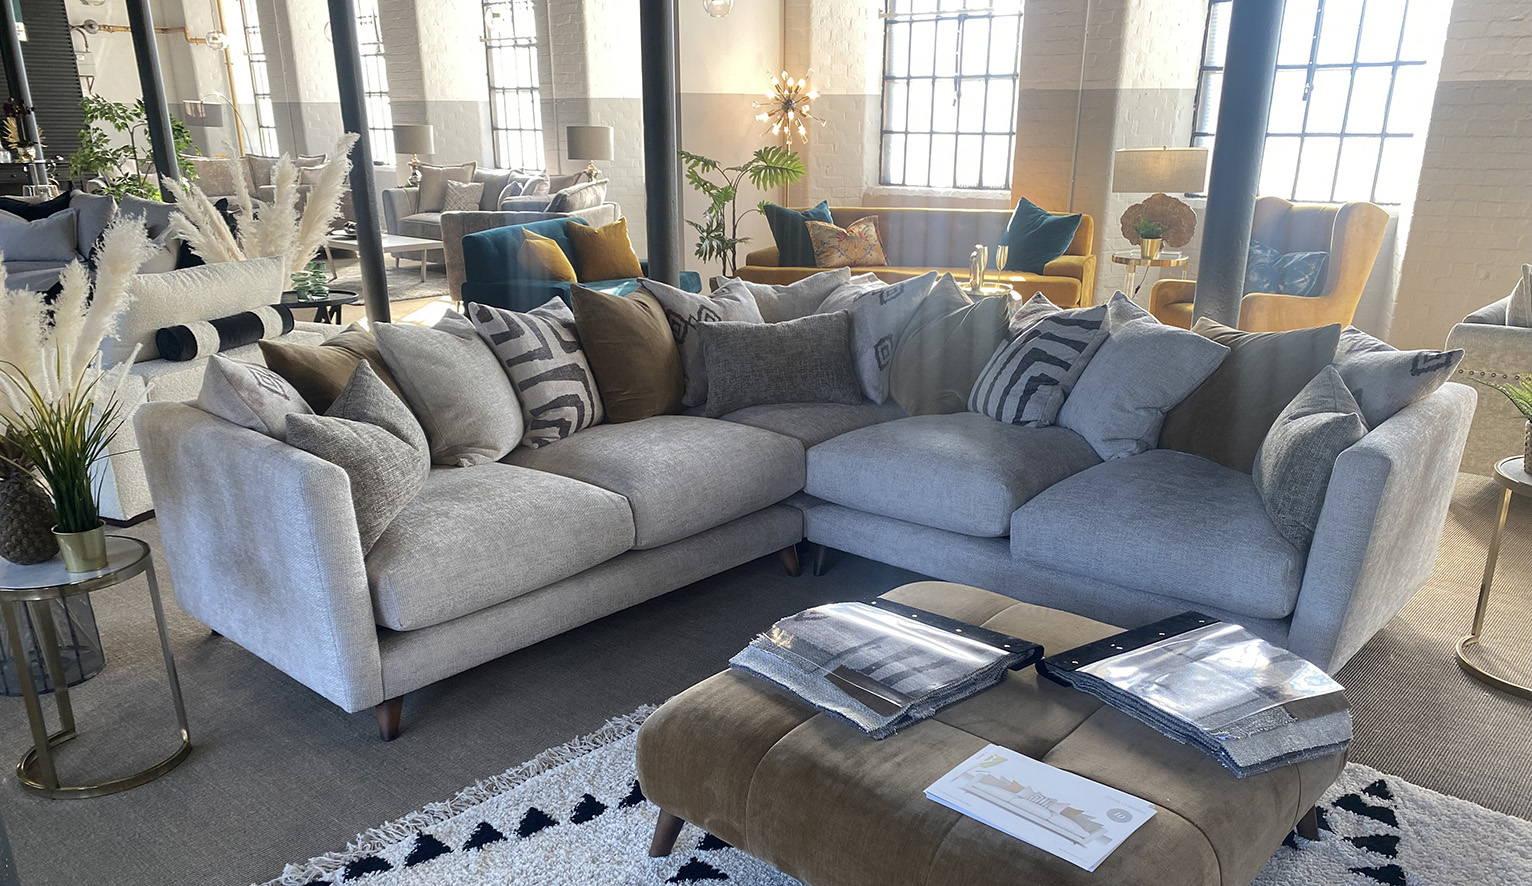 Furniture Buying Trip